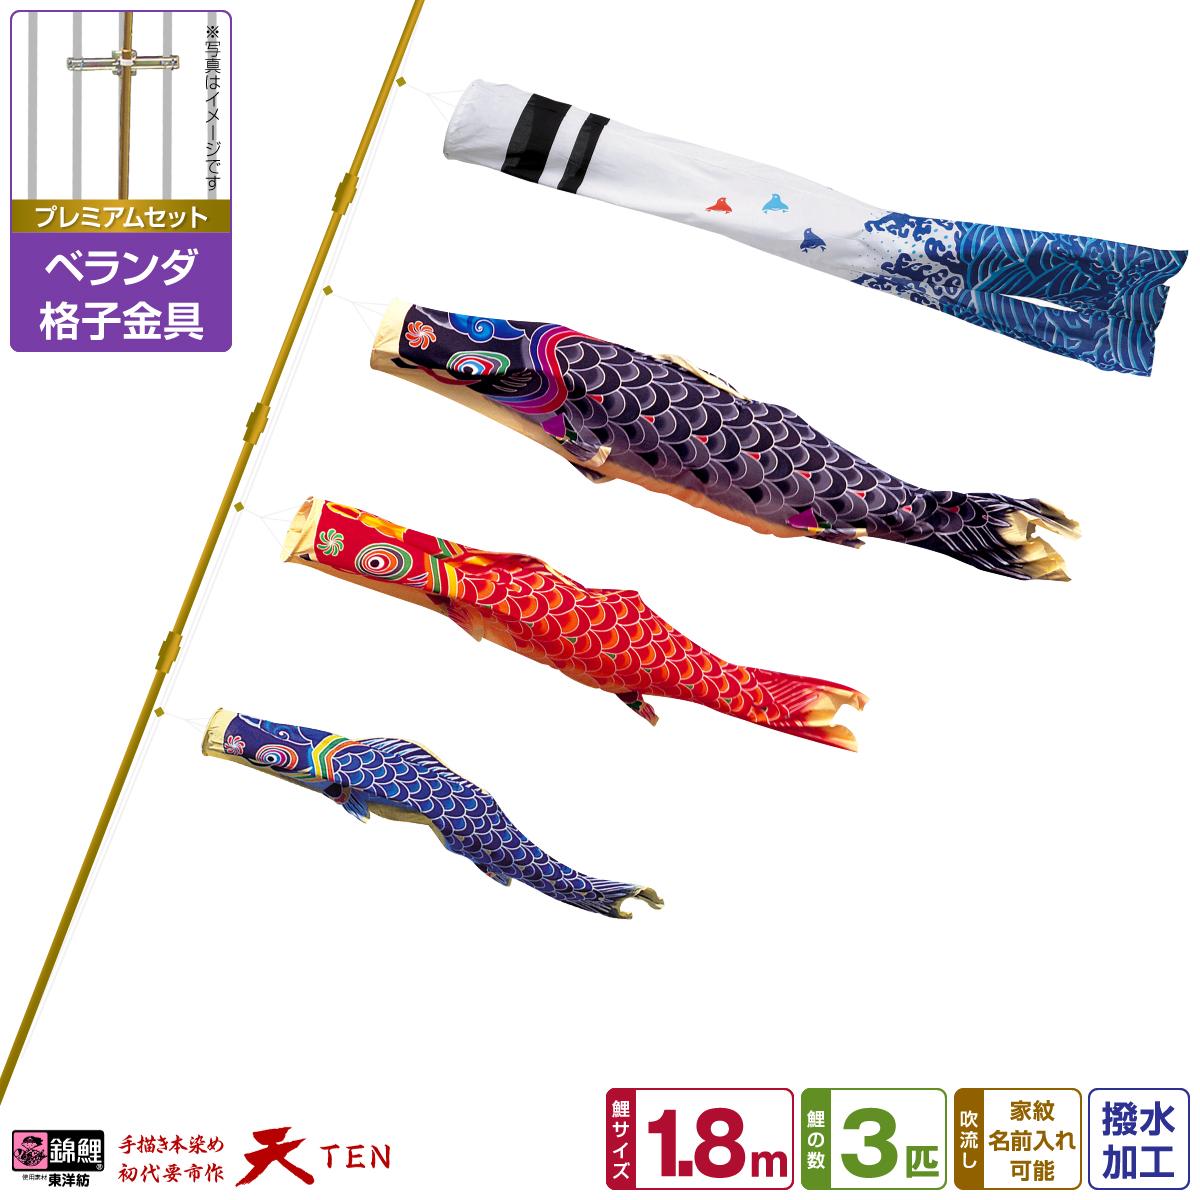 ベランダ用 こいのぼり 鯉のぼり 手描き本染め鯉のぼり 天 1.8m (1間) 6点(吹流し+鯉3匹+矢車+ロープ)/プレミアムセット(格子金具)